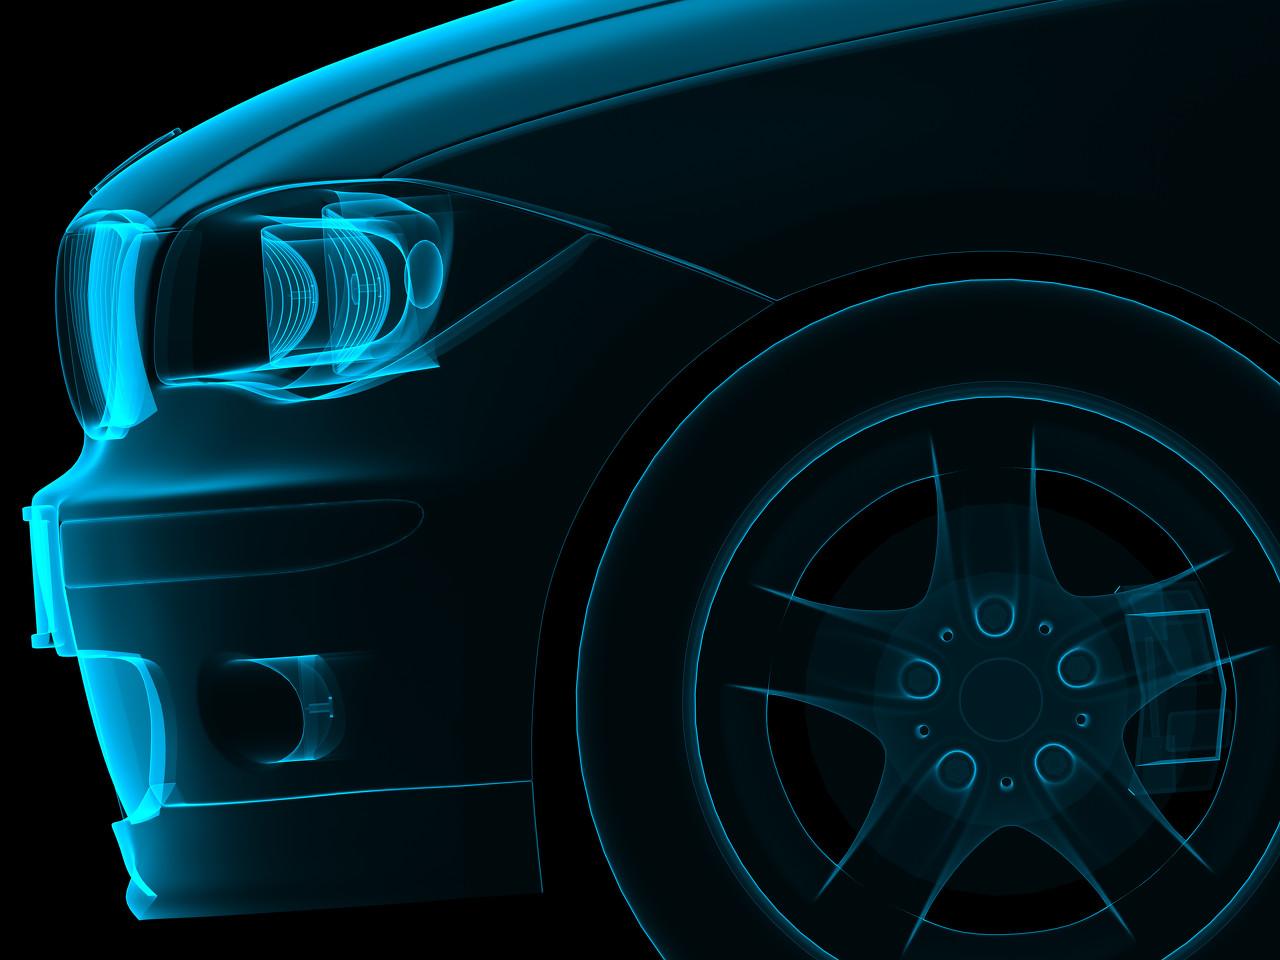 外观内饰调整 新款东风雪铁龙C3-XR正式上市